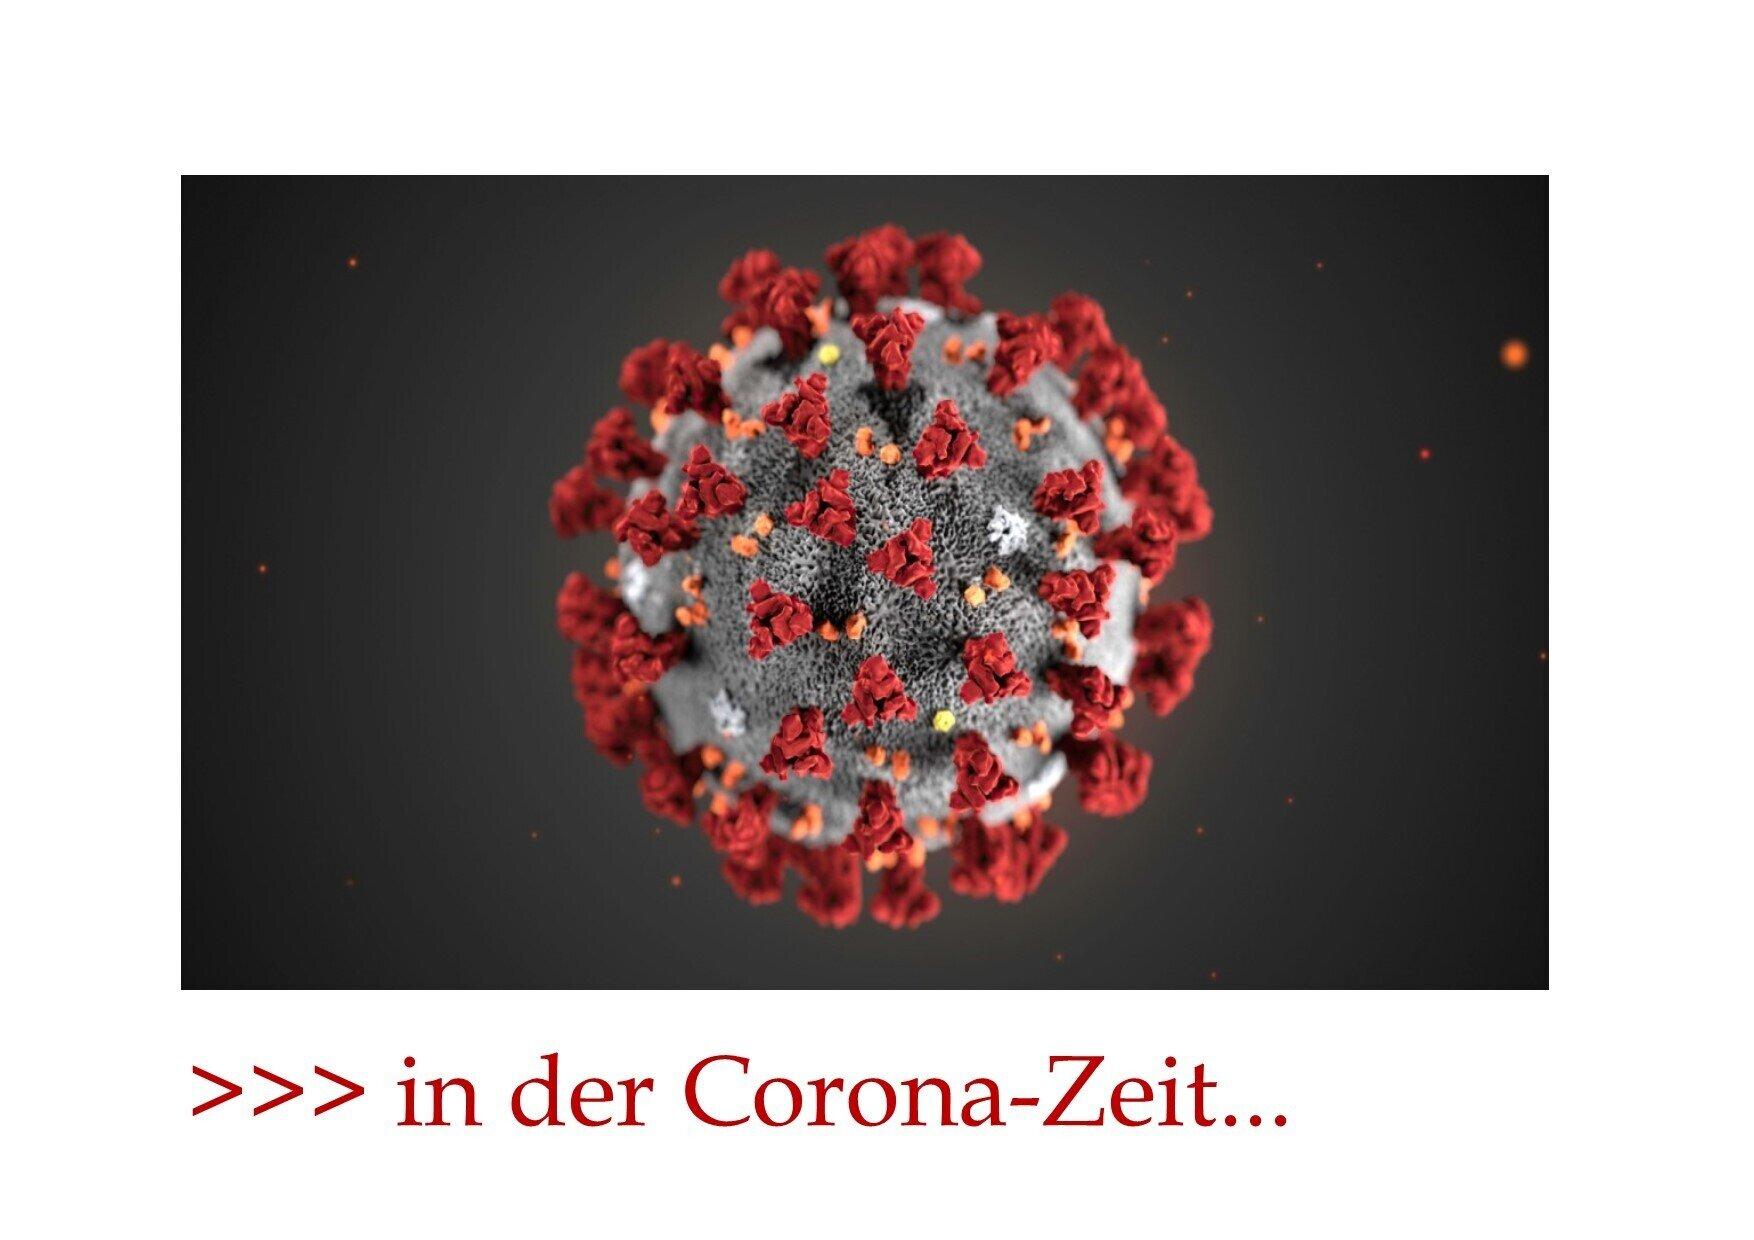 Coronazeit